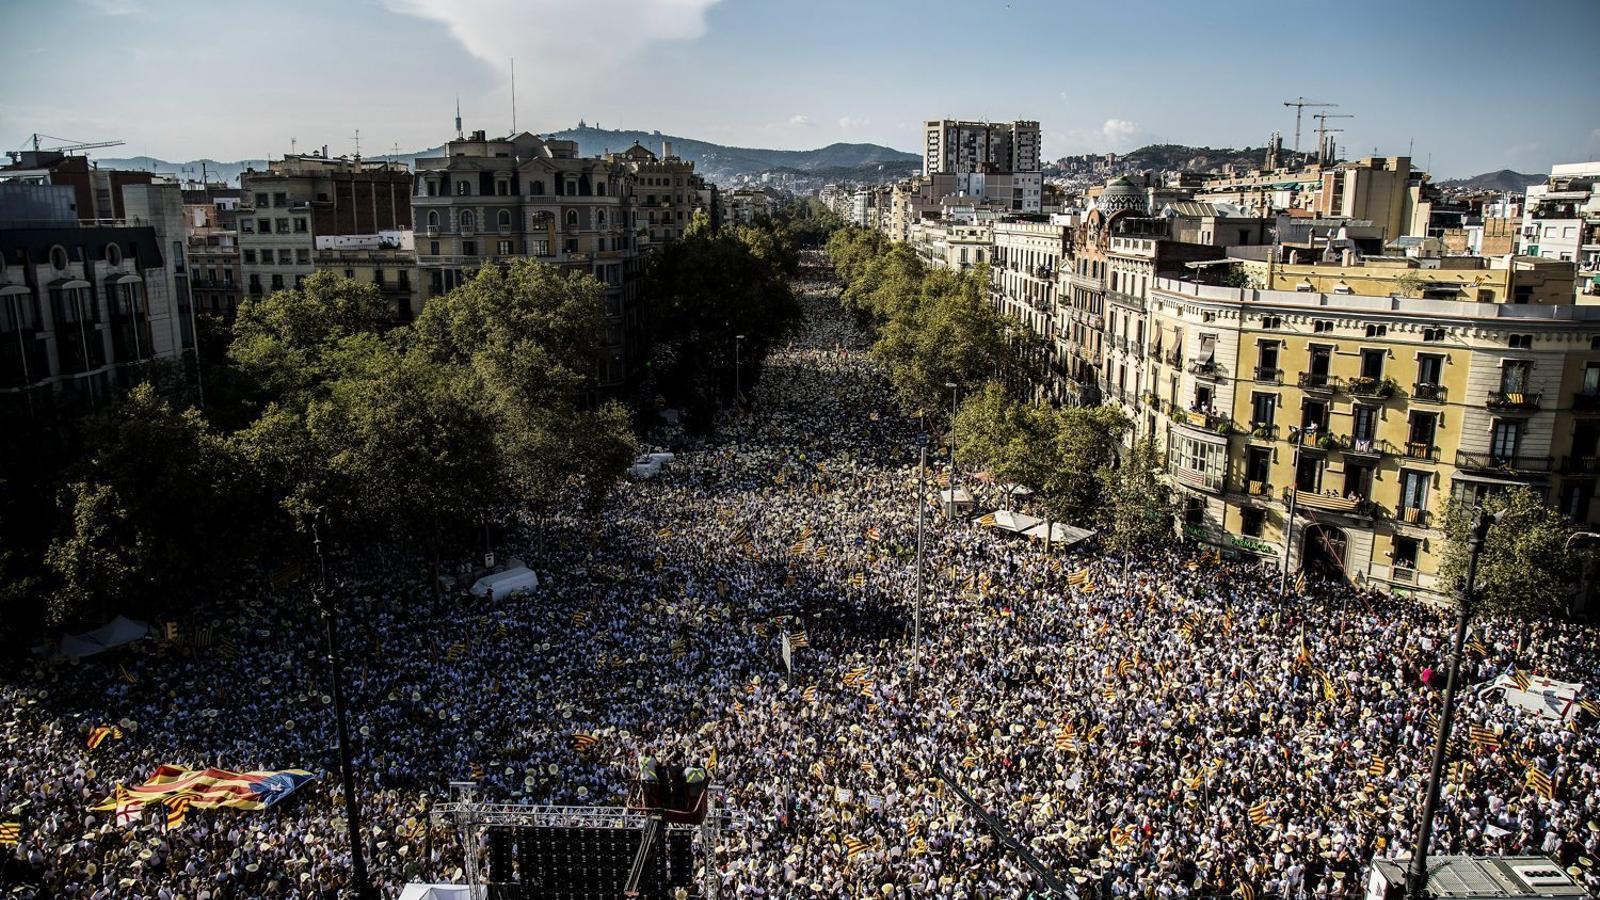 El passat Onze de Setembre més d'un milió de persones va omplir el passeig de Sant Joan des de la Diagonal fins a l'Arc de Triomf per reclamar el referèndum sobre l'estat propi.